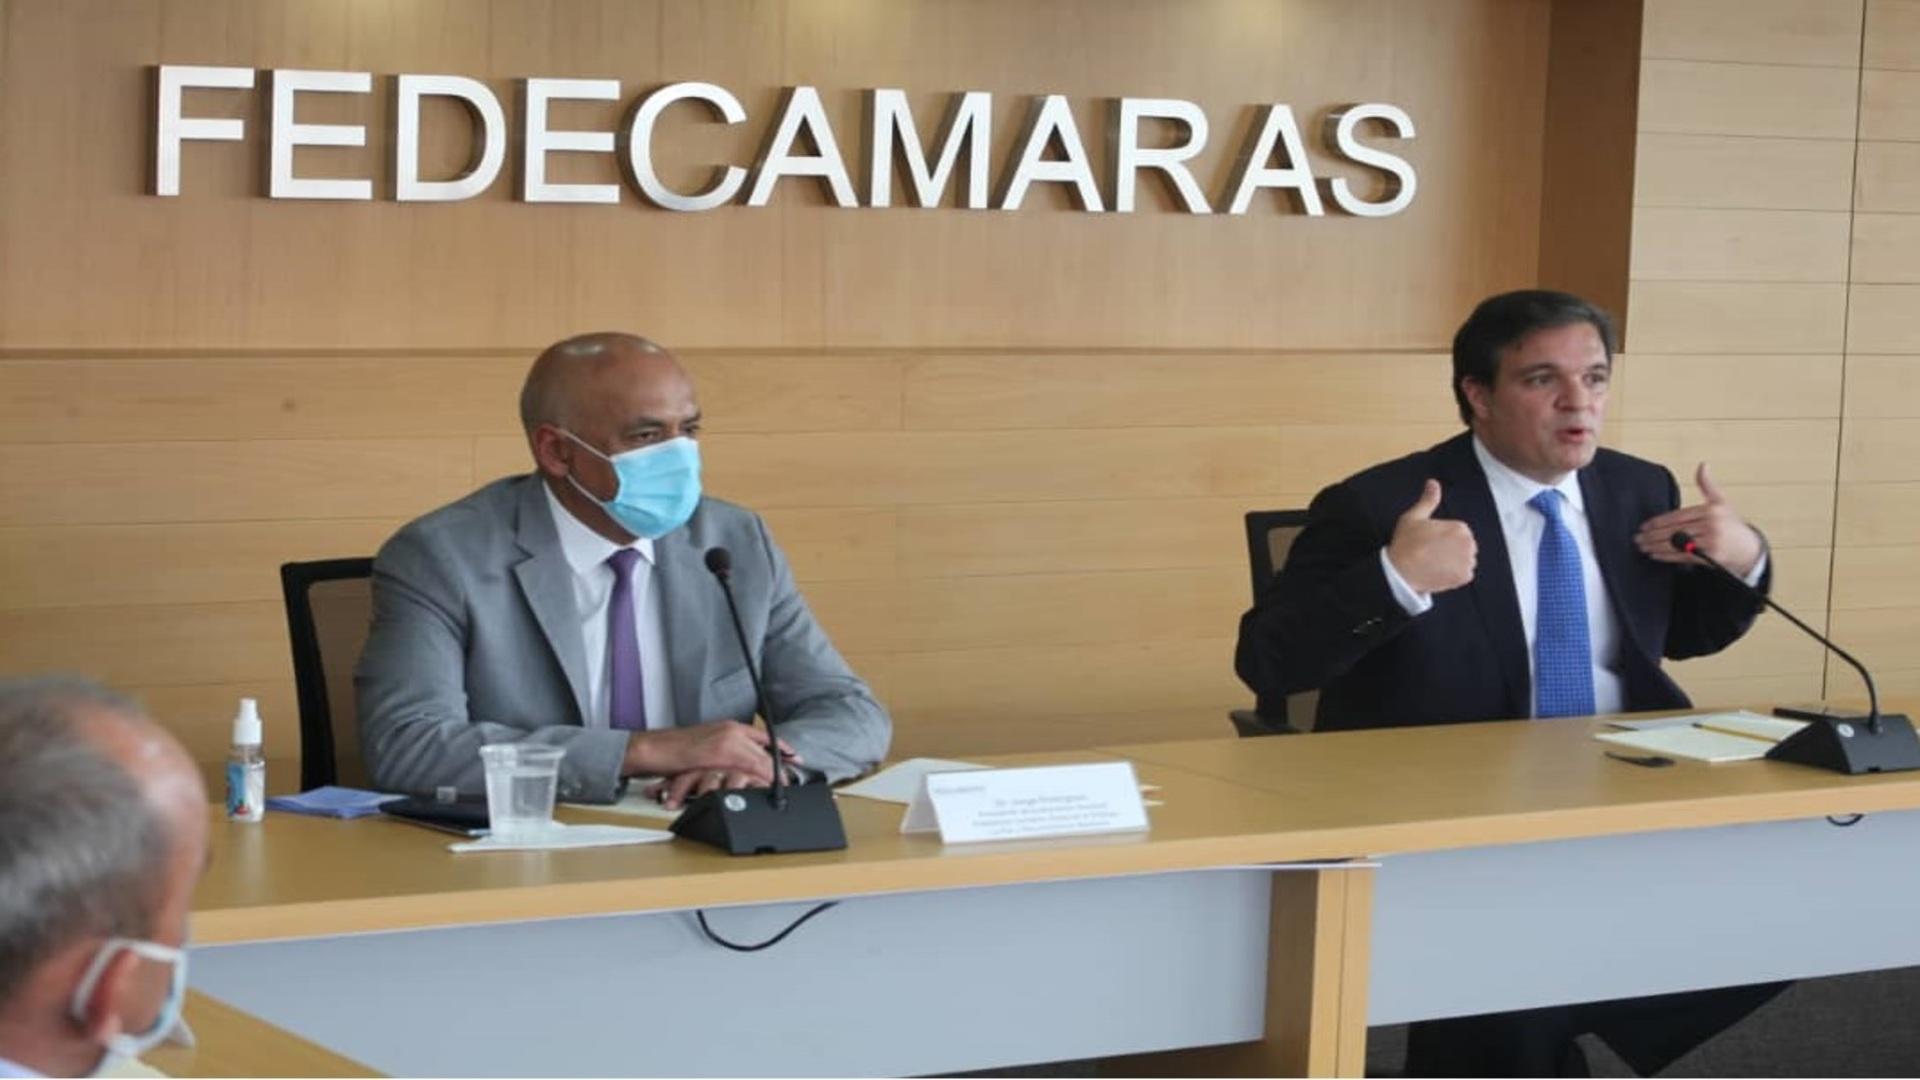 Jorge Rodríguez tras reunión con Fedecámaras: Aparecieron muchas ideas que nos permitirán acceder a la vacunación